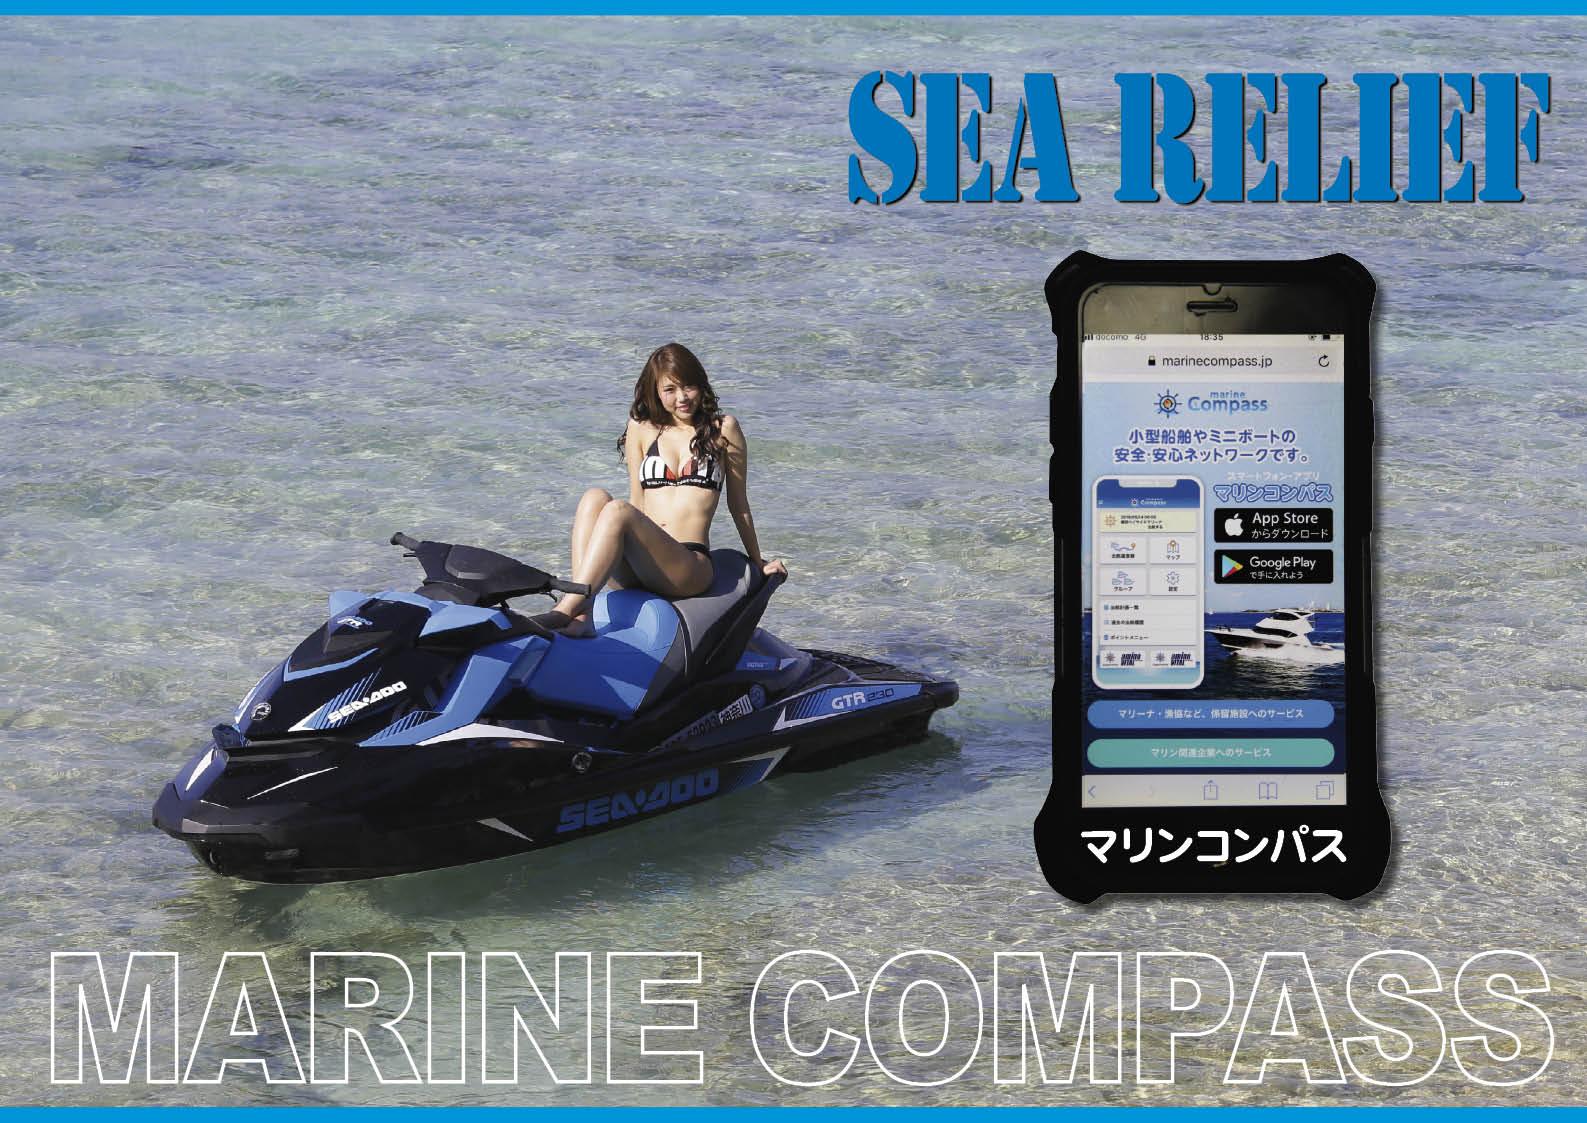 無料のアプリ「マリンコンパス」ご存知ですか?「ジェット遊び」に超便利 ジェットスキー(水上バイク)